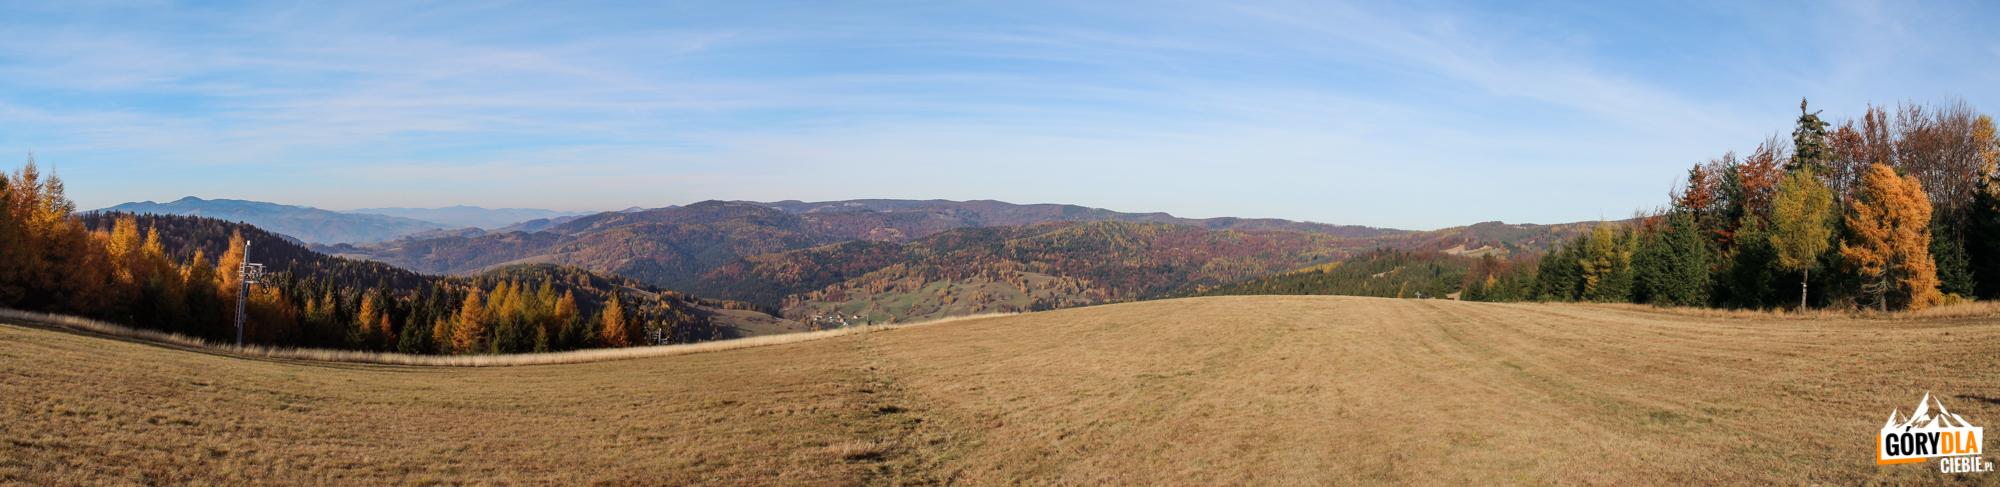 Widok z trasy narciarskiej: od lewej Pasmo Radziejowej, w głębi Mogielica w Beskidzie Wyspowym i na pierwszym planie grań Pasma Jaworzyny Krynickiej